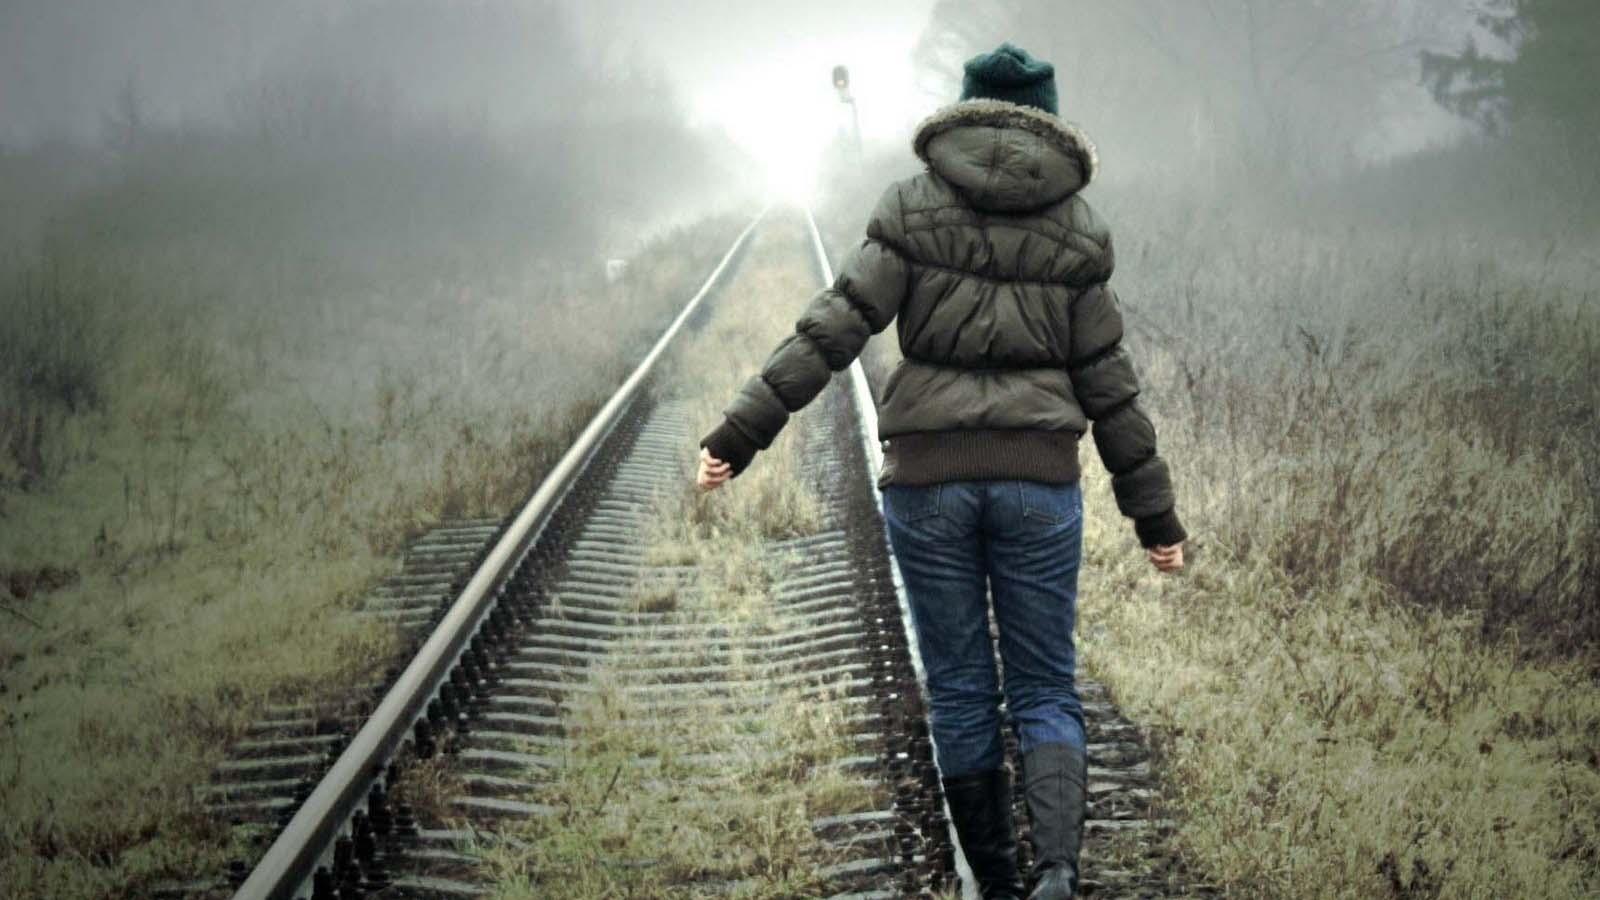 Muchos han experimentado alguna vez cambios de humor descontrolados pero, ¿es bipolaridad o algo más emocional?